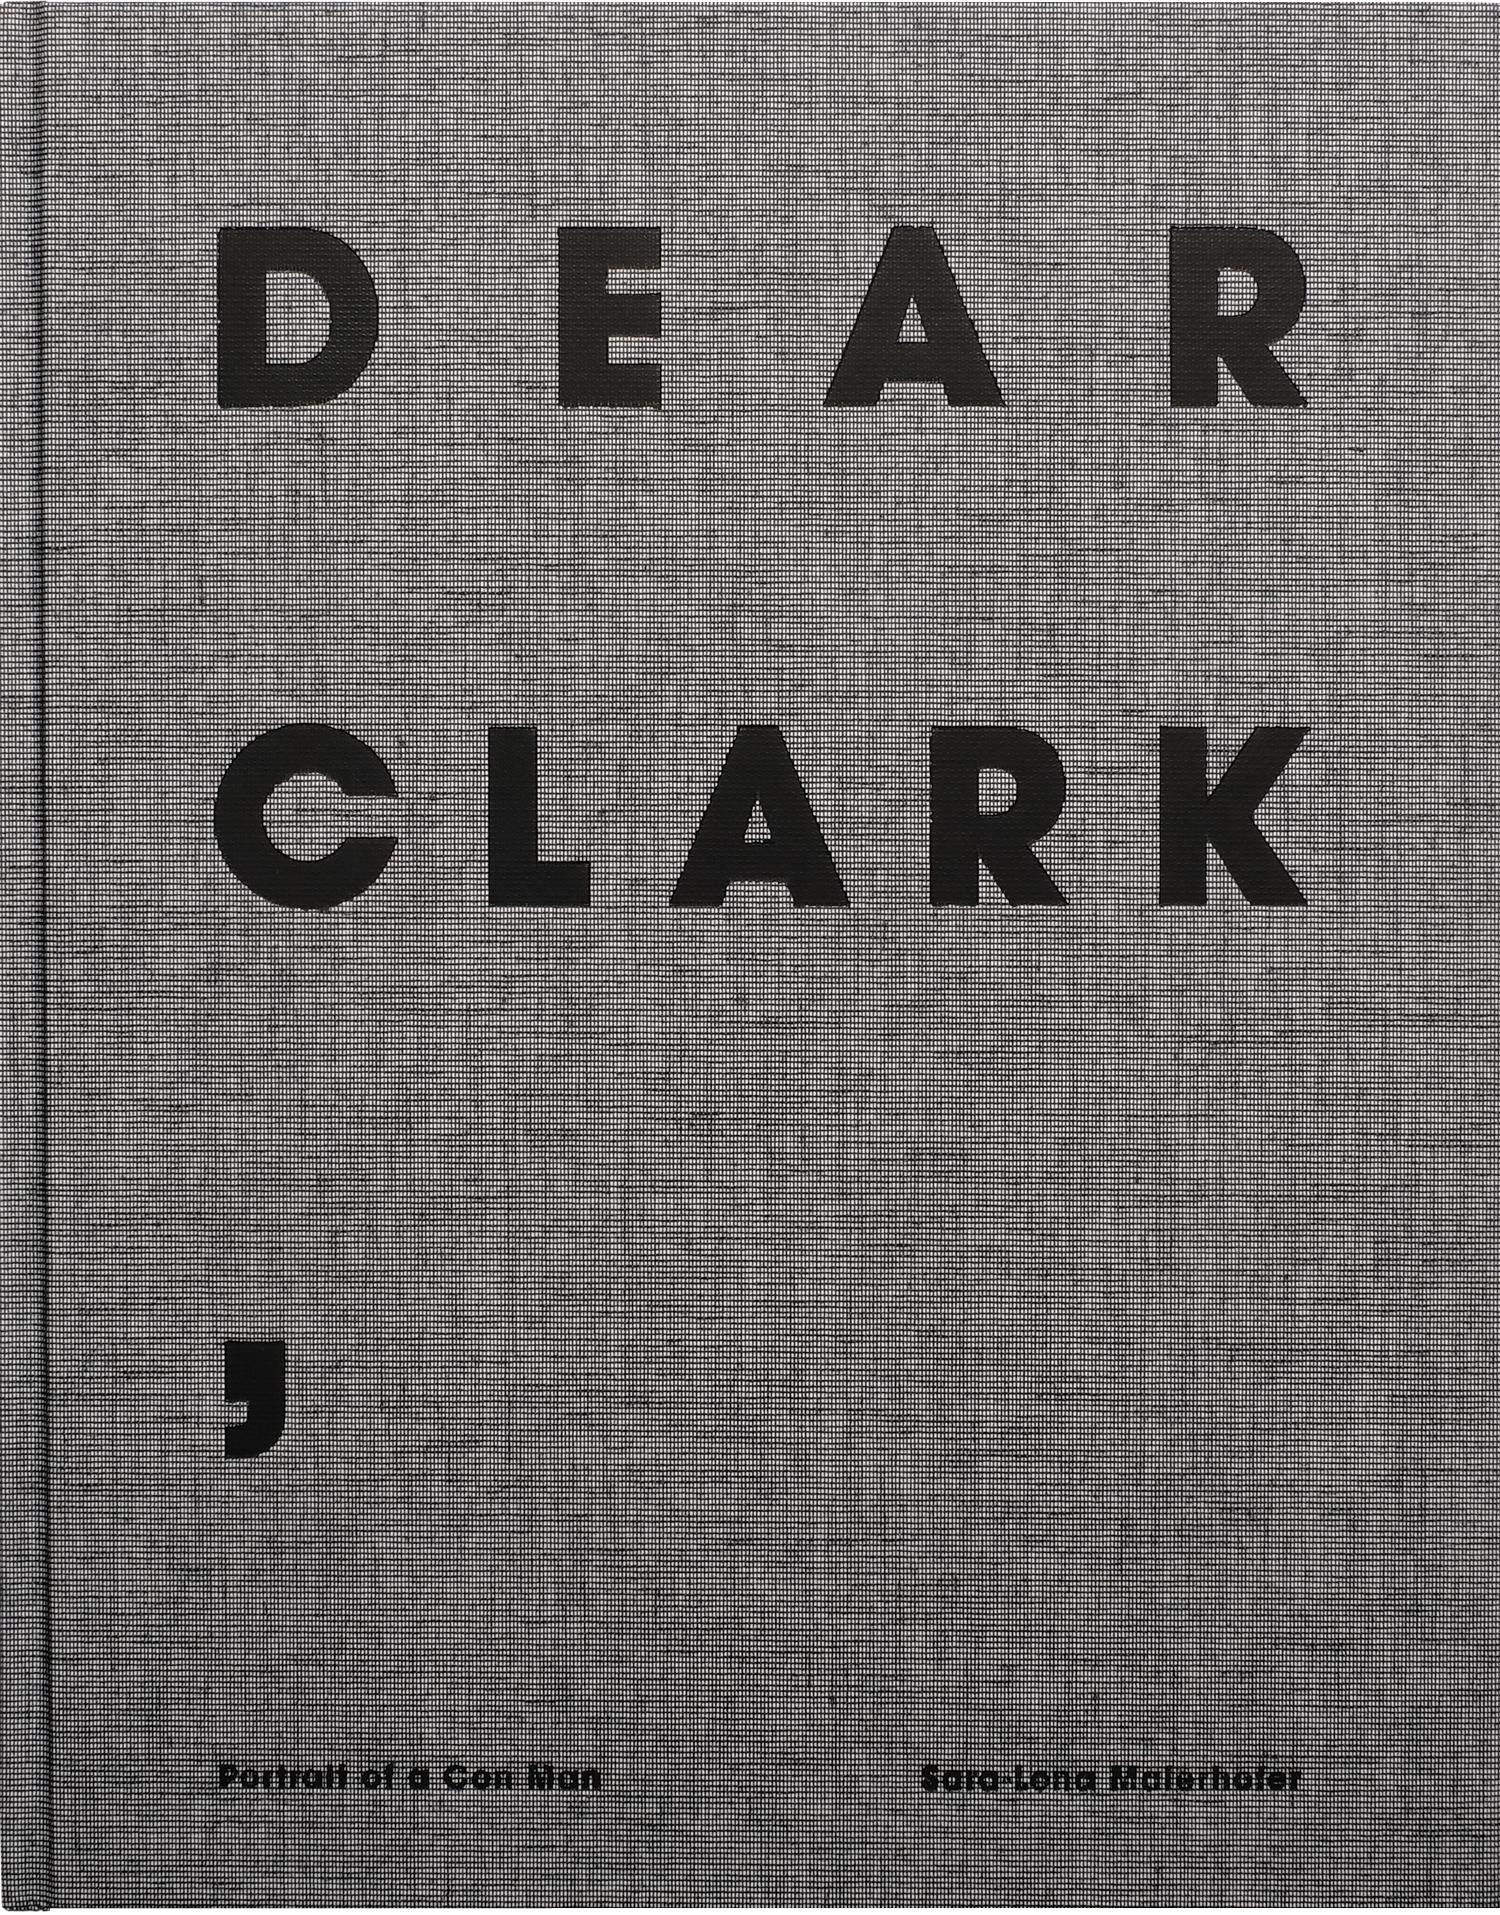 86-Maierhofer-DearClark-cover-web.jpg